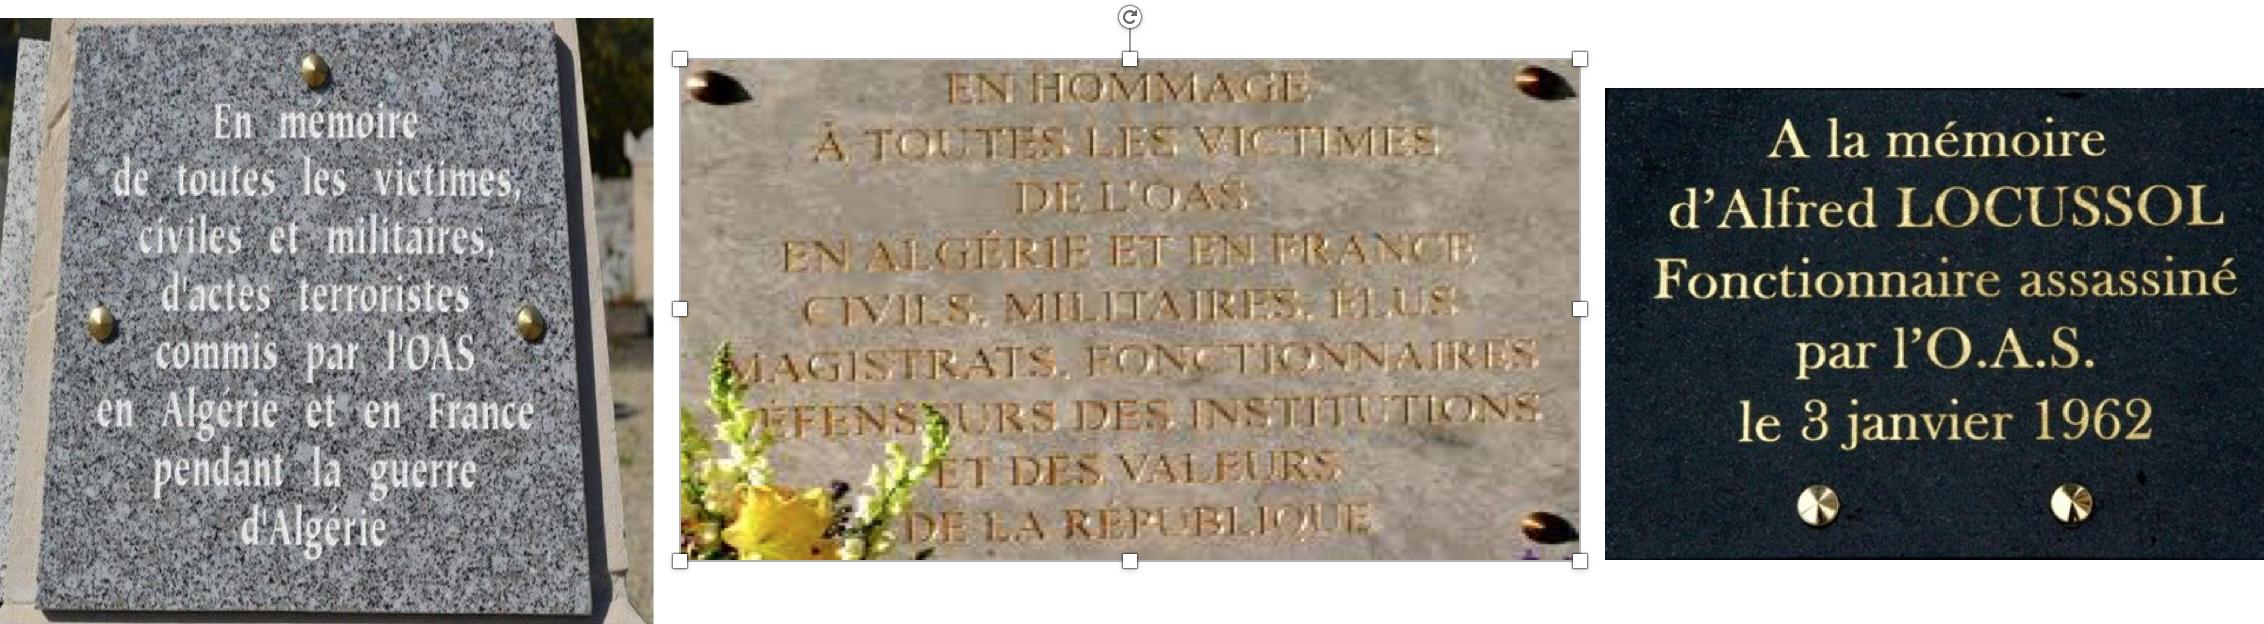 Sur les plaques commémoratives on dénonce  l'OAS, les nazis ou les collabos, jamais les musulmans  !